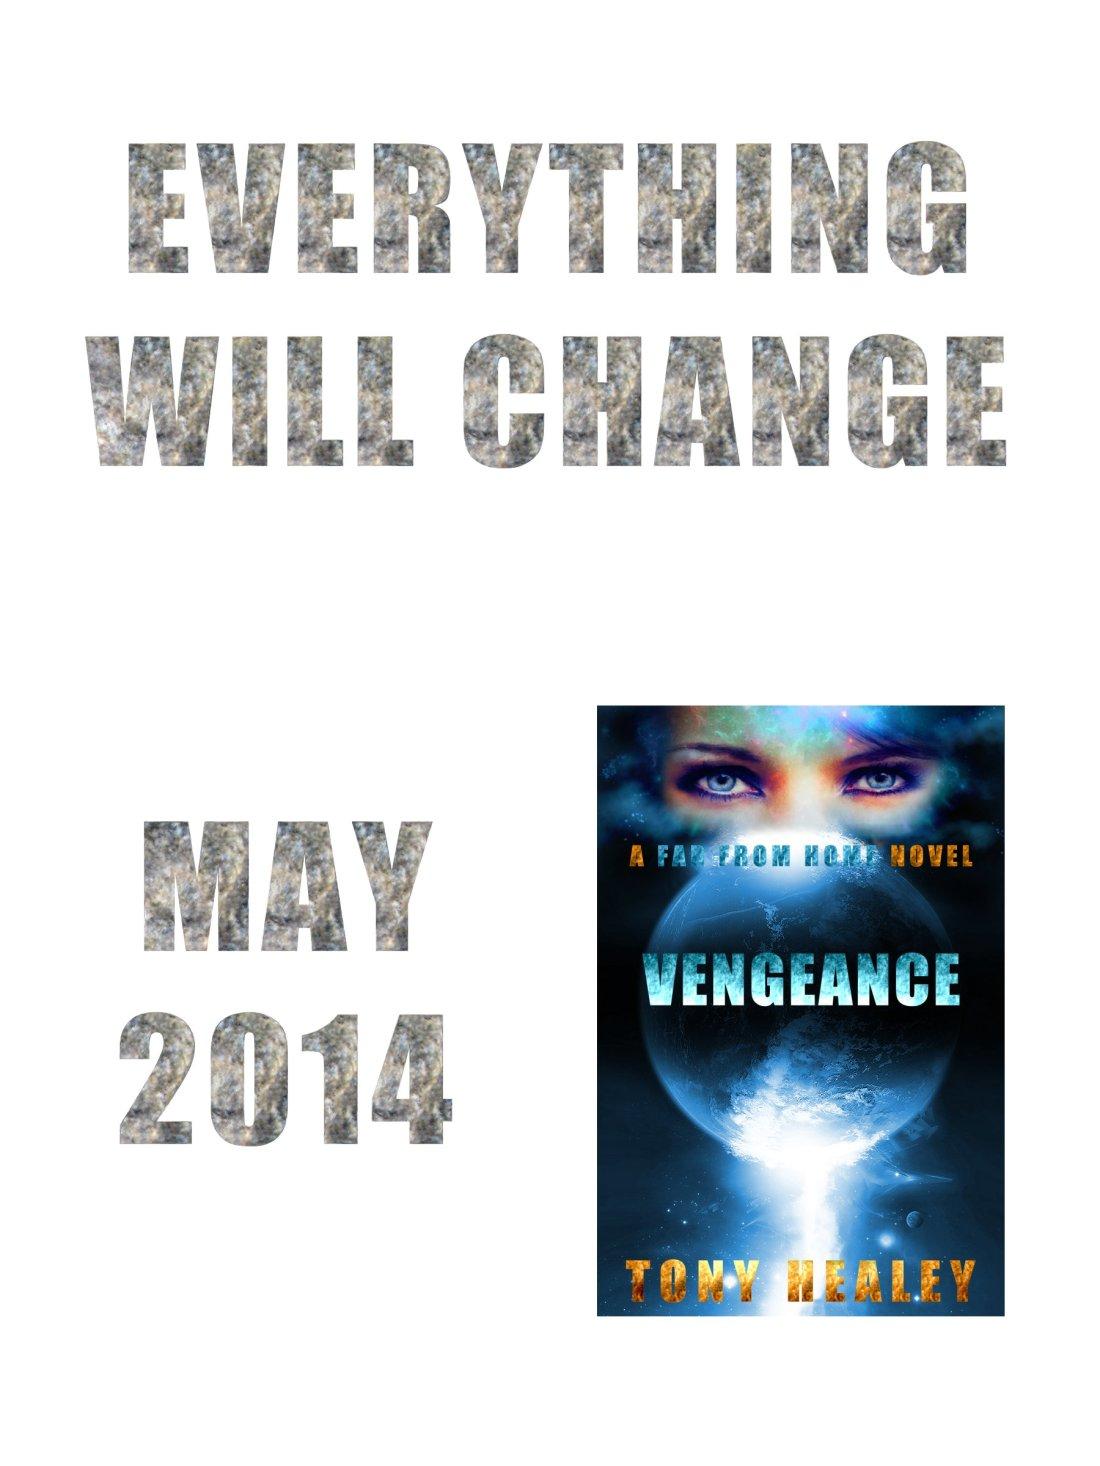 Coming May 2014